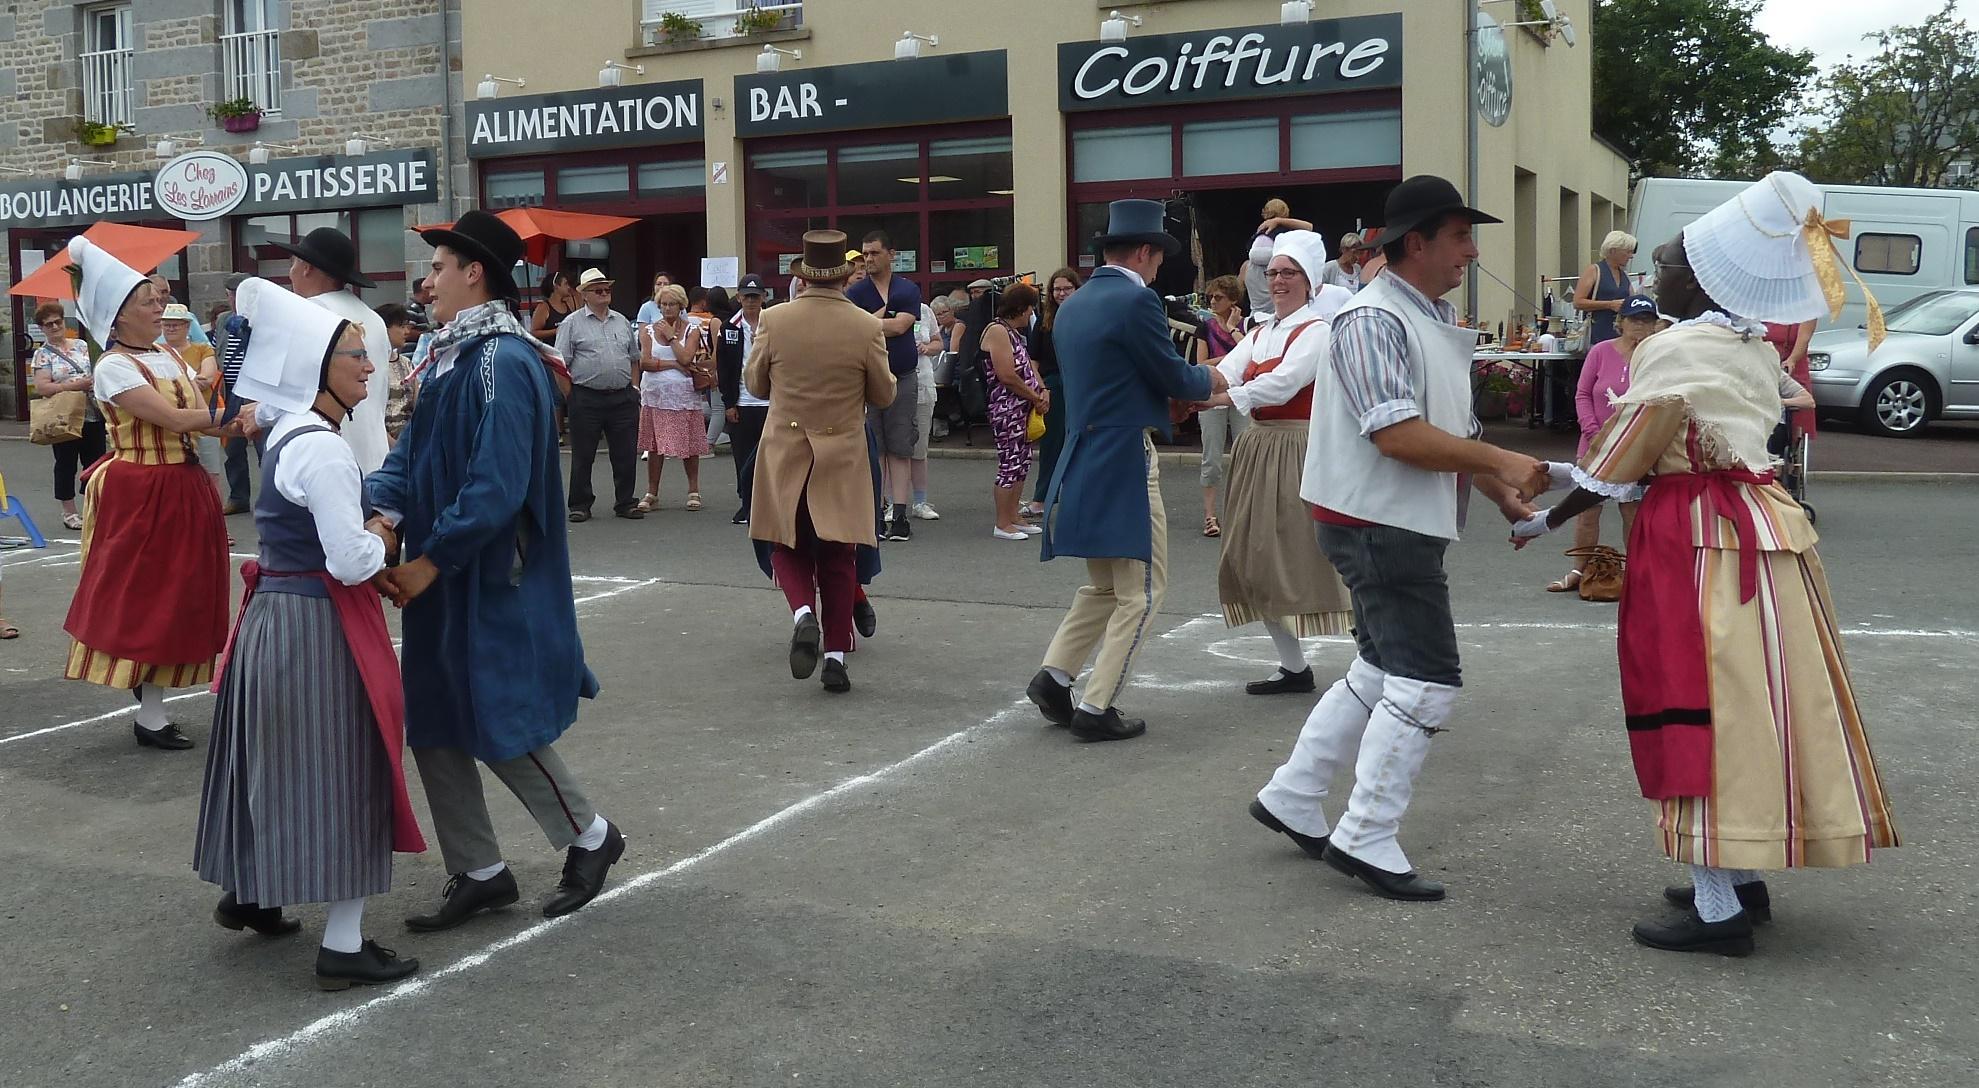 St Clément 21.07.2019